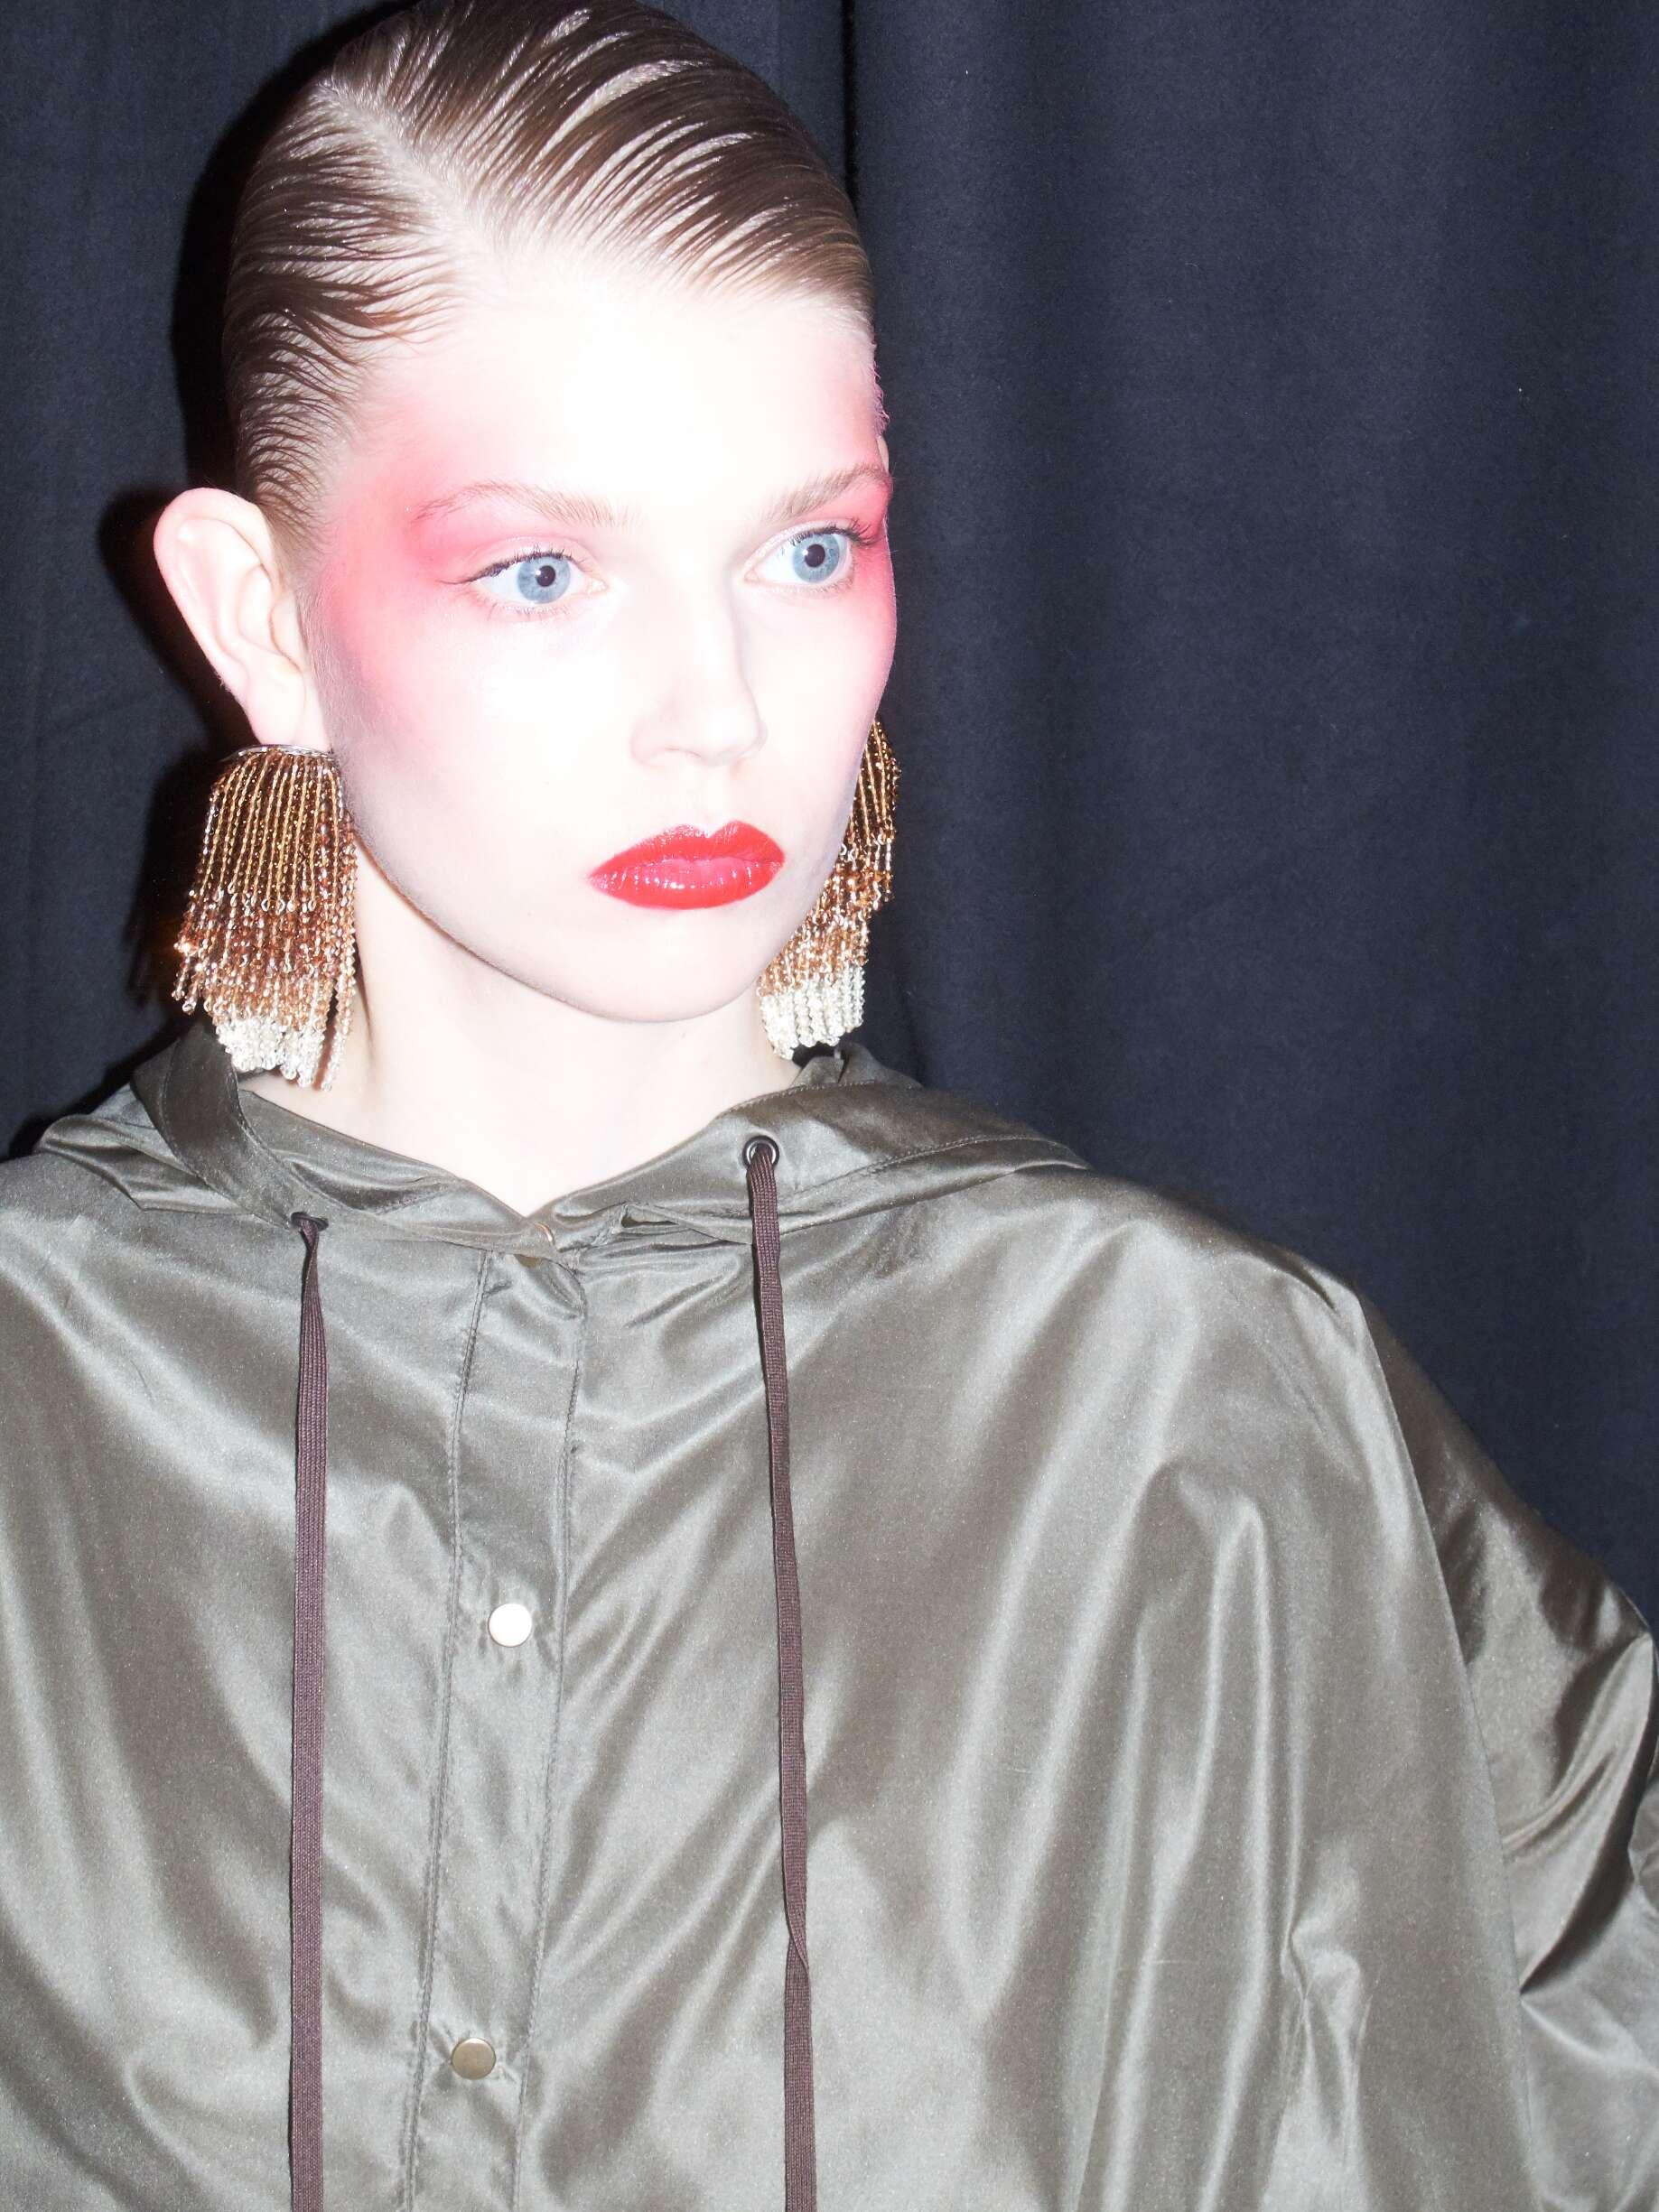 Backstage Kenzo Model